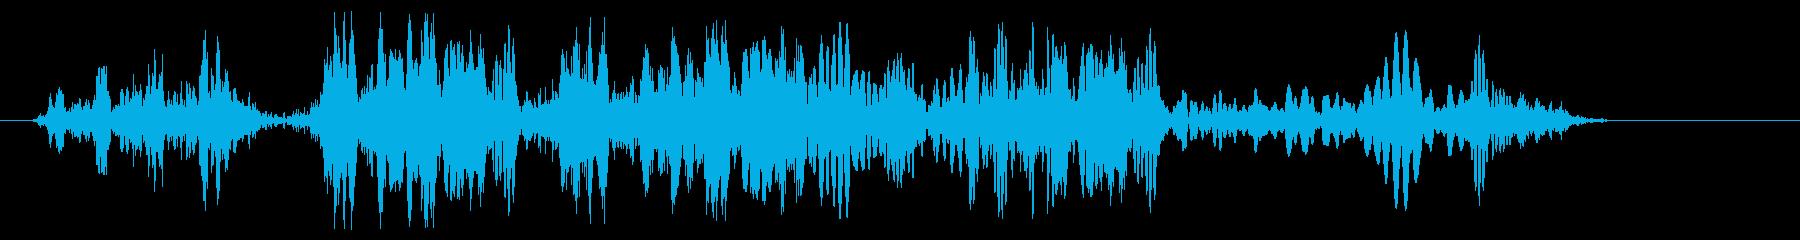 キュルキュル(ロープが巻き取られる音)の再生済みの波形